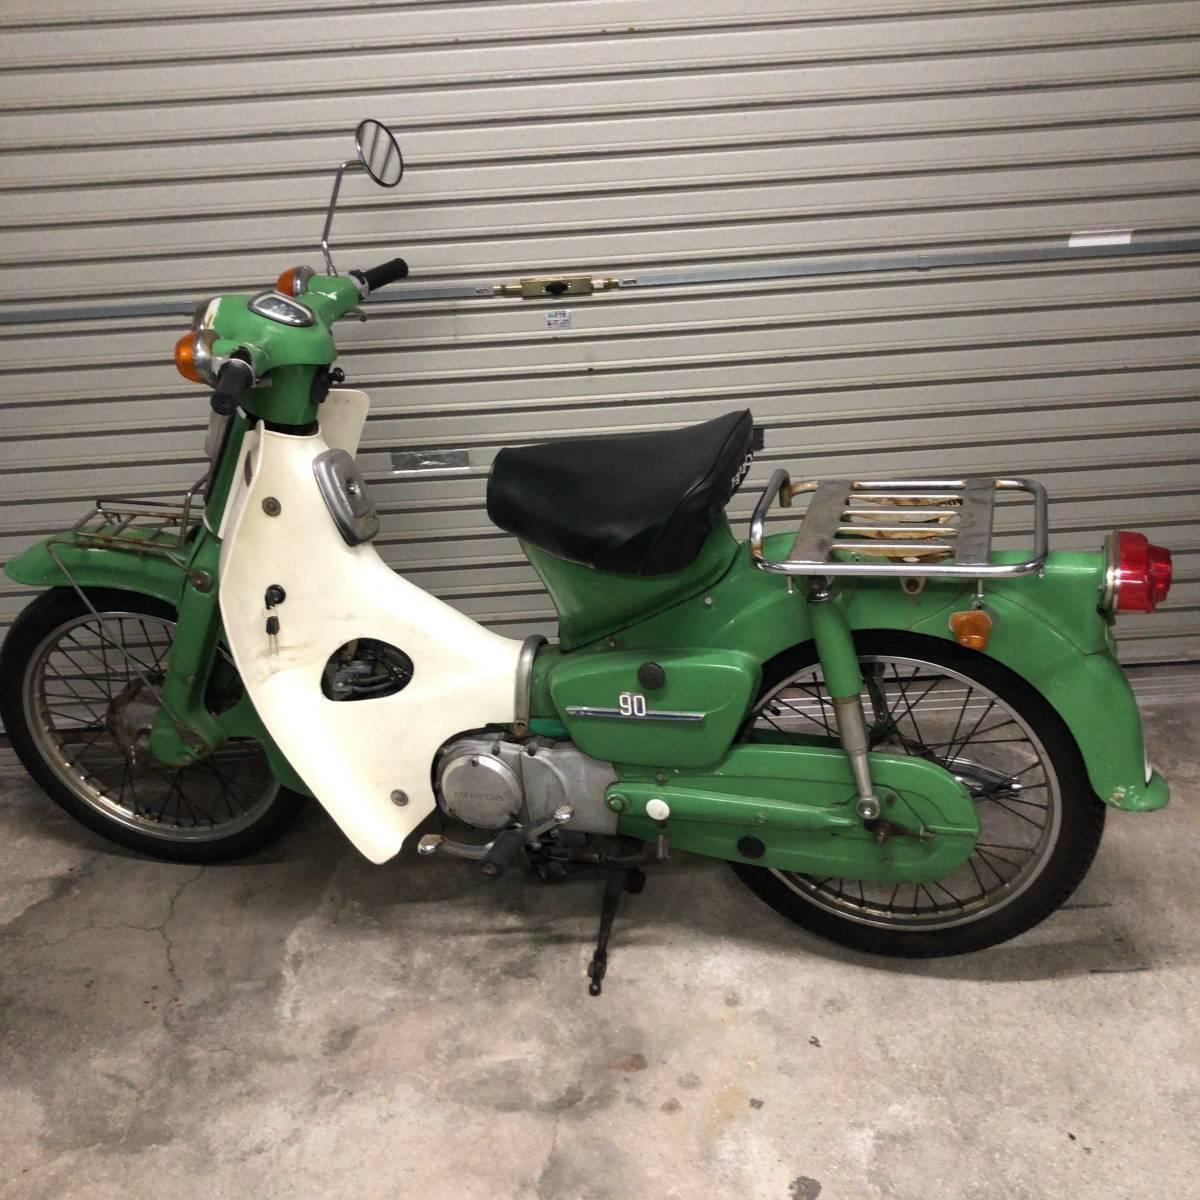 「実働!調子良!激レアヴィンテージバイク本物HONDA C90 ホンダ行灯カブ90cc純正スタイル当時物 緑グリーン昭和原付1960年代1970年代?」の画像2